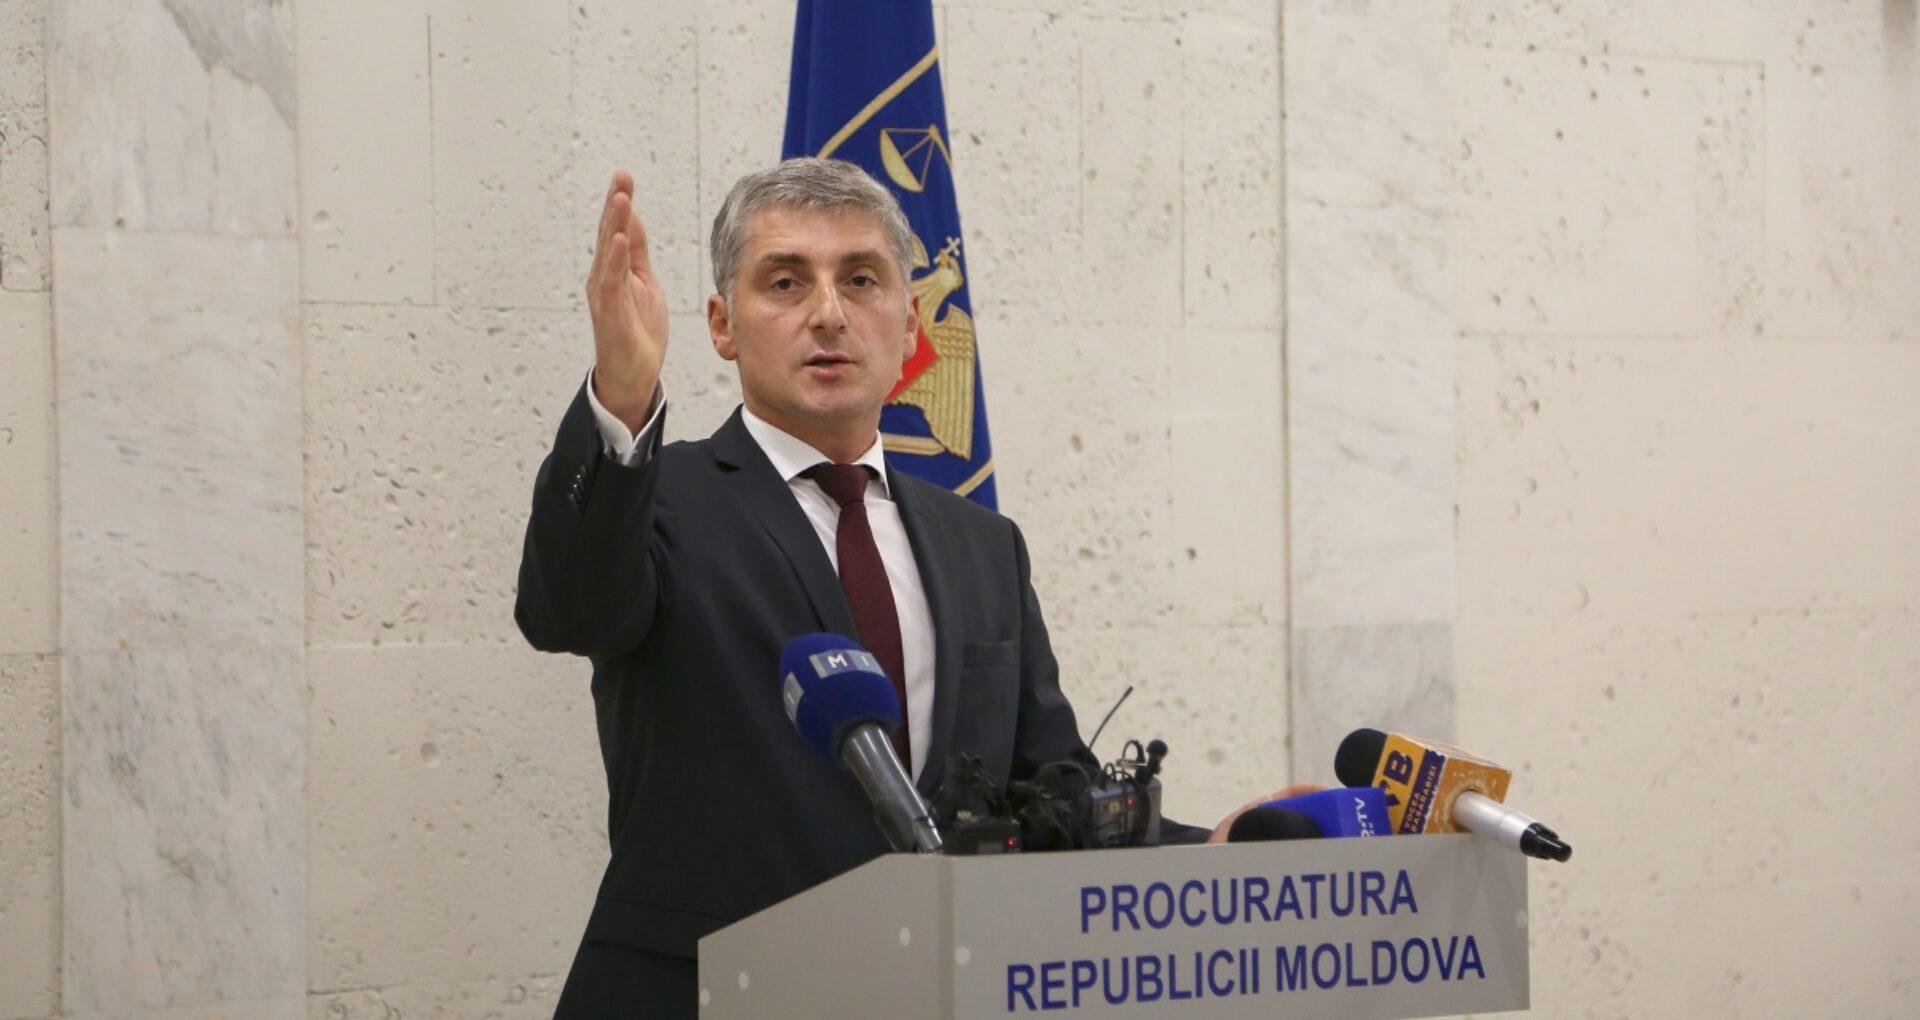 ULTIMA ORĂ/ Procurorul general și-a anunțat demisia